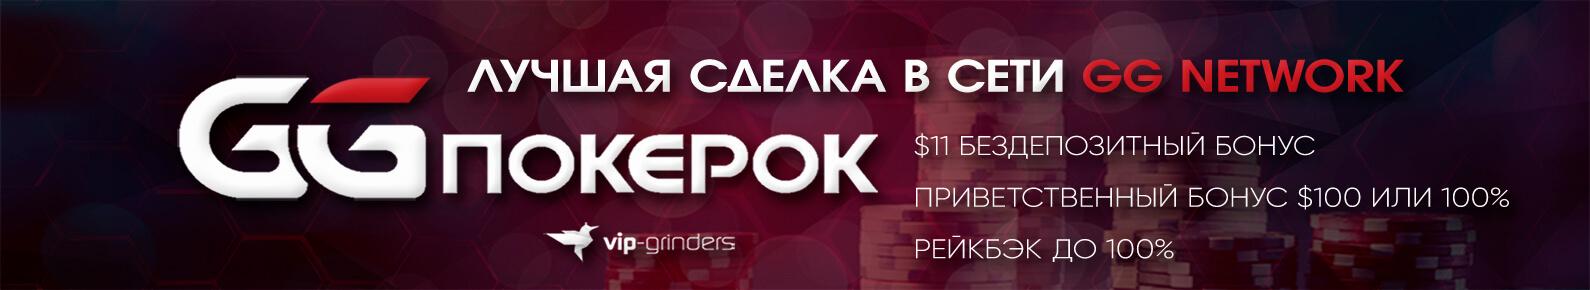 pokerok banner 1590 290